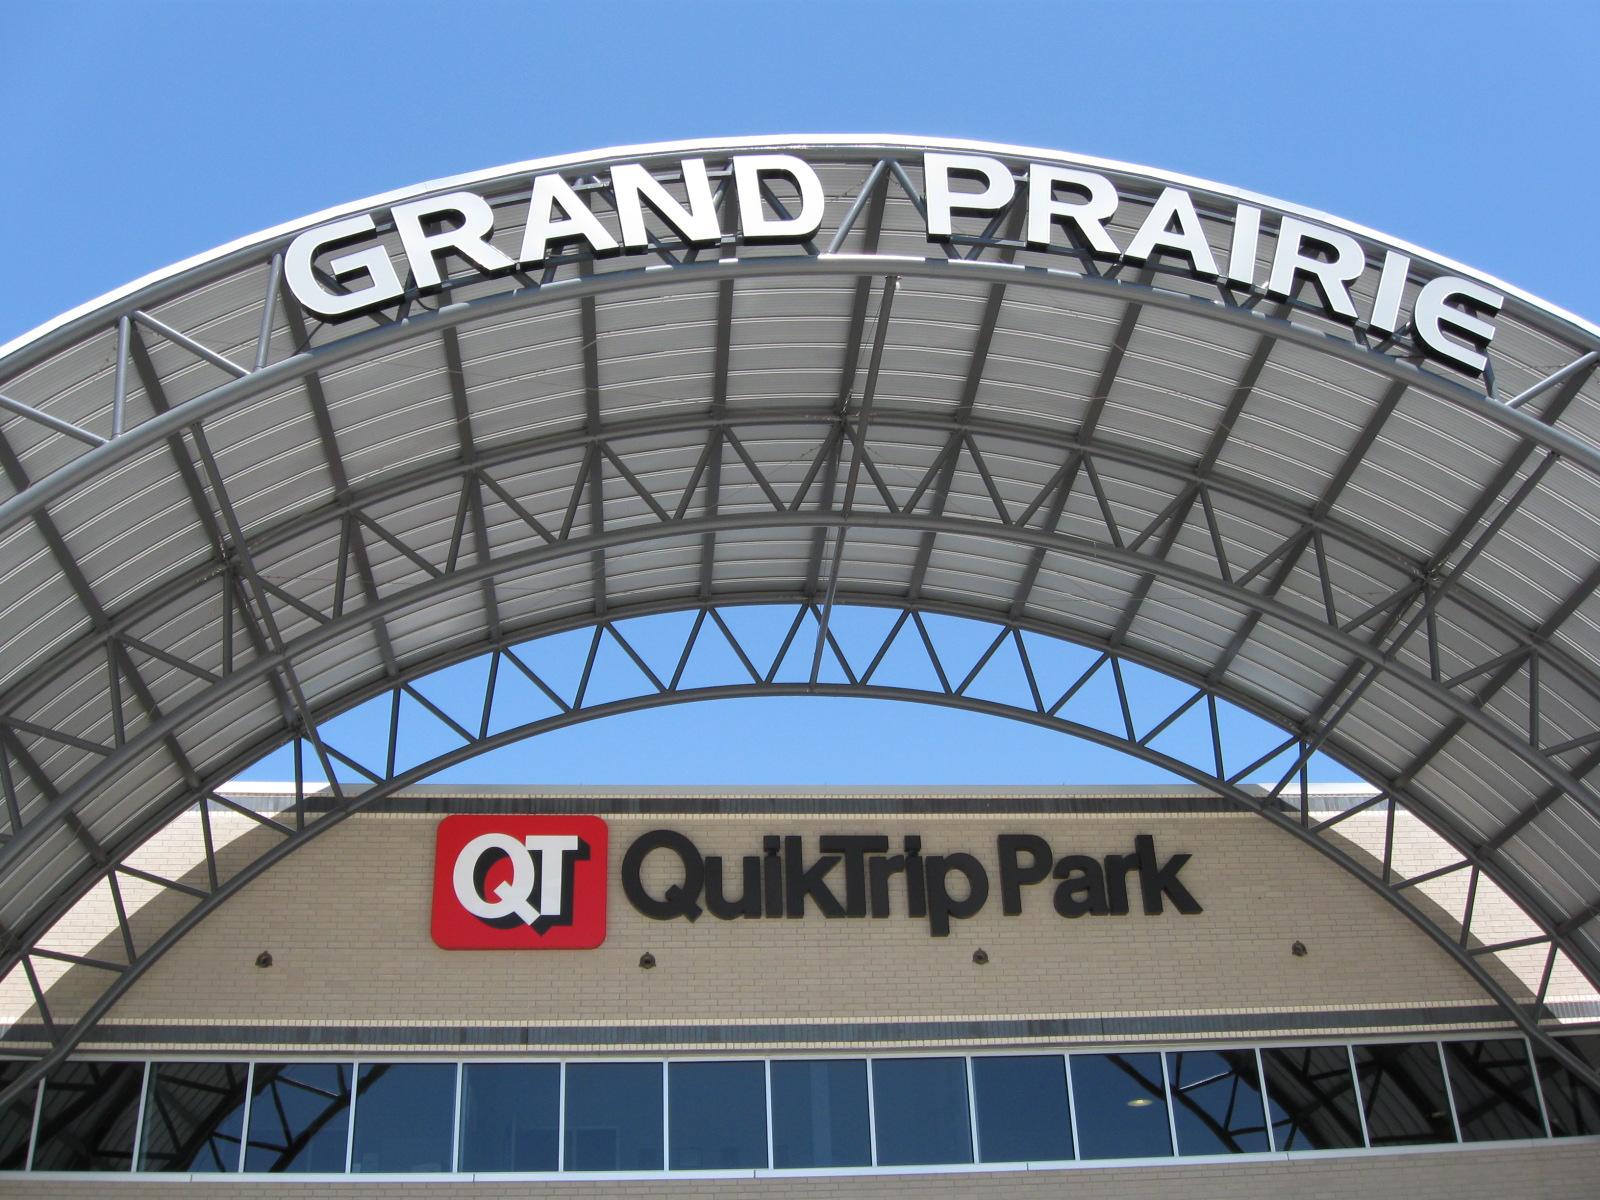 Grand Prairie Quicktrip Park